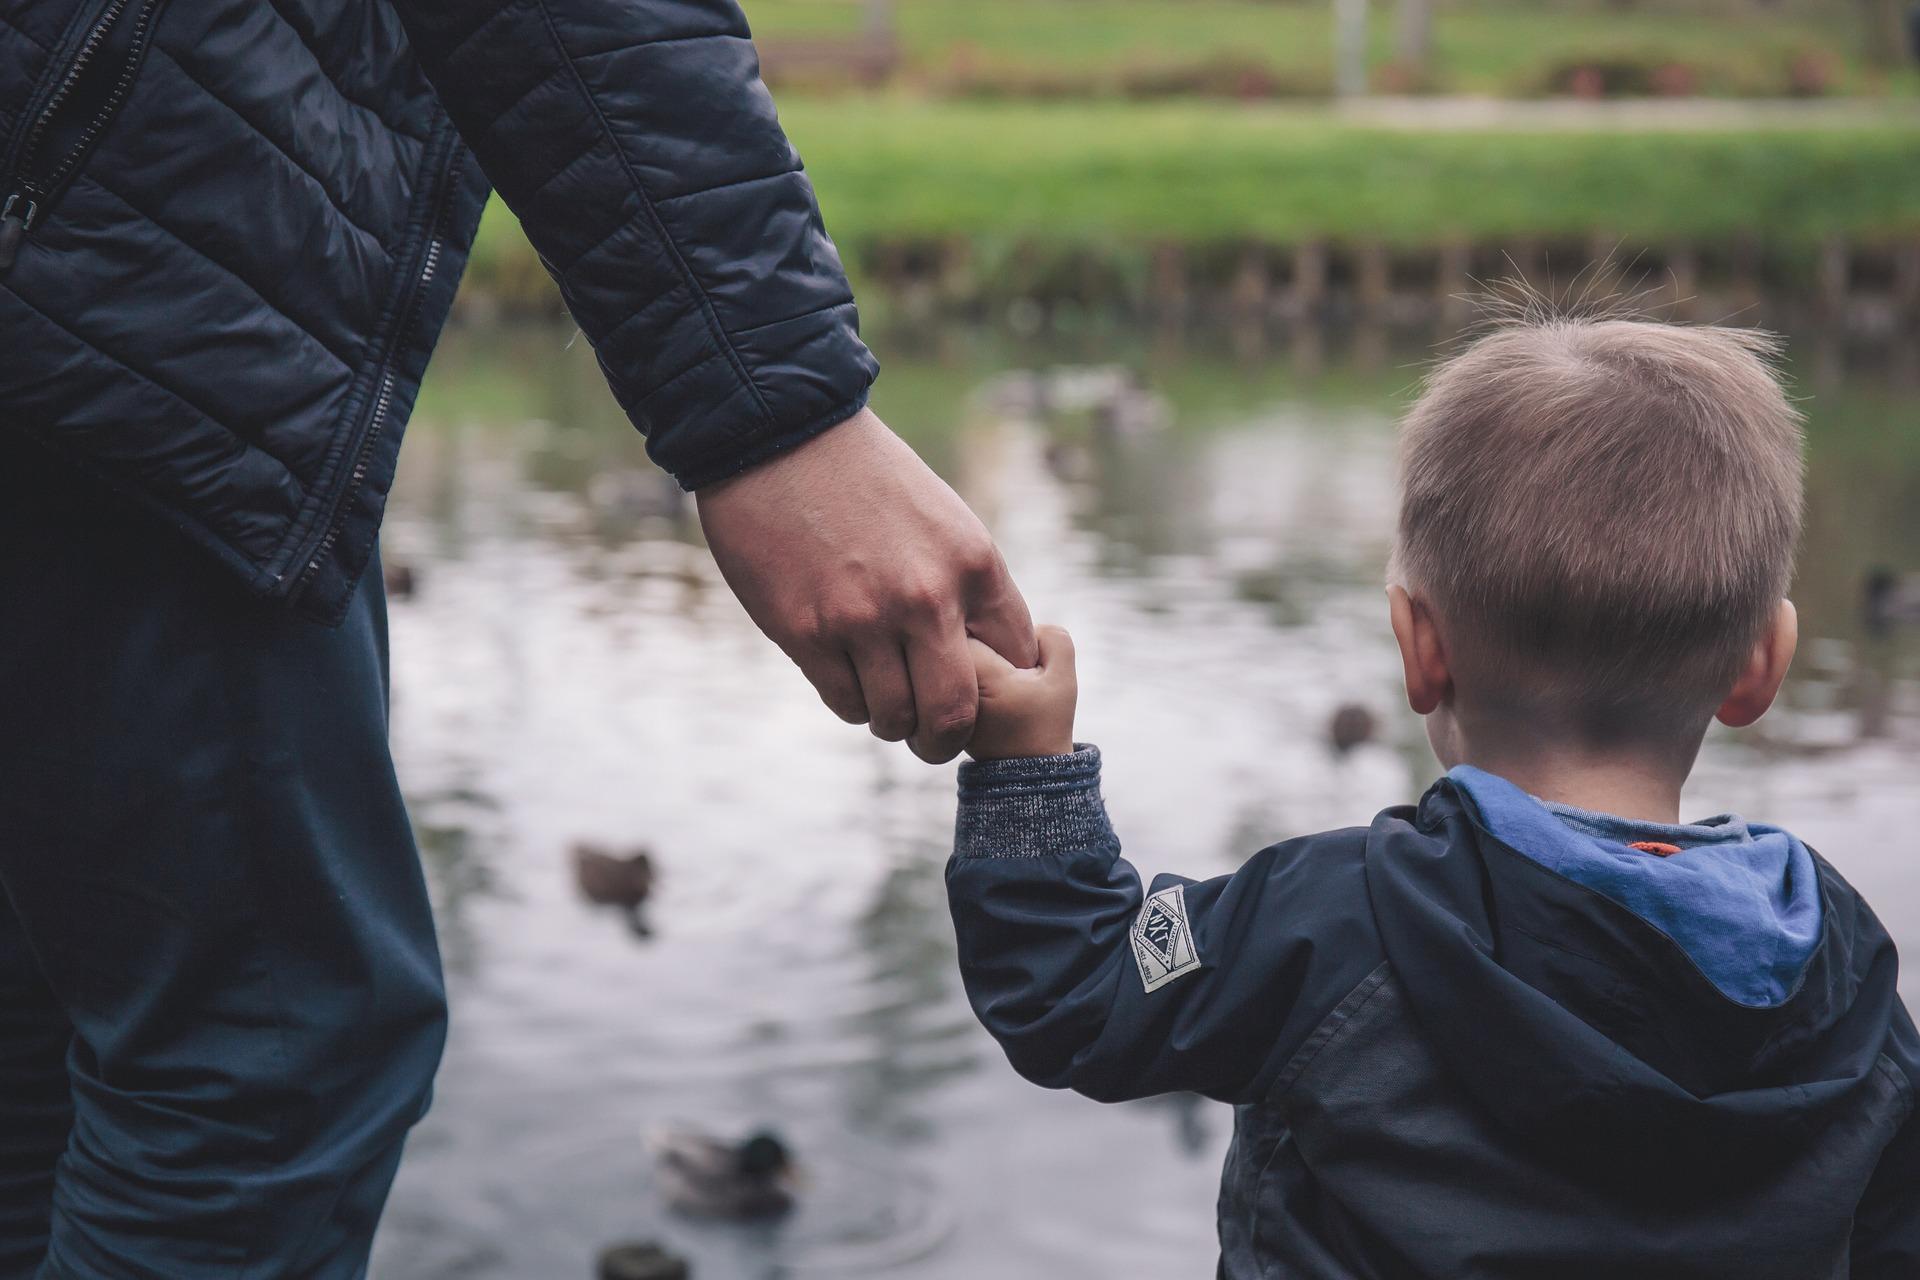 Familiäre Bindung wichtiger als leibliche Vaterschaft